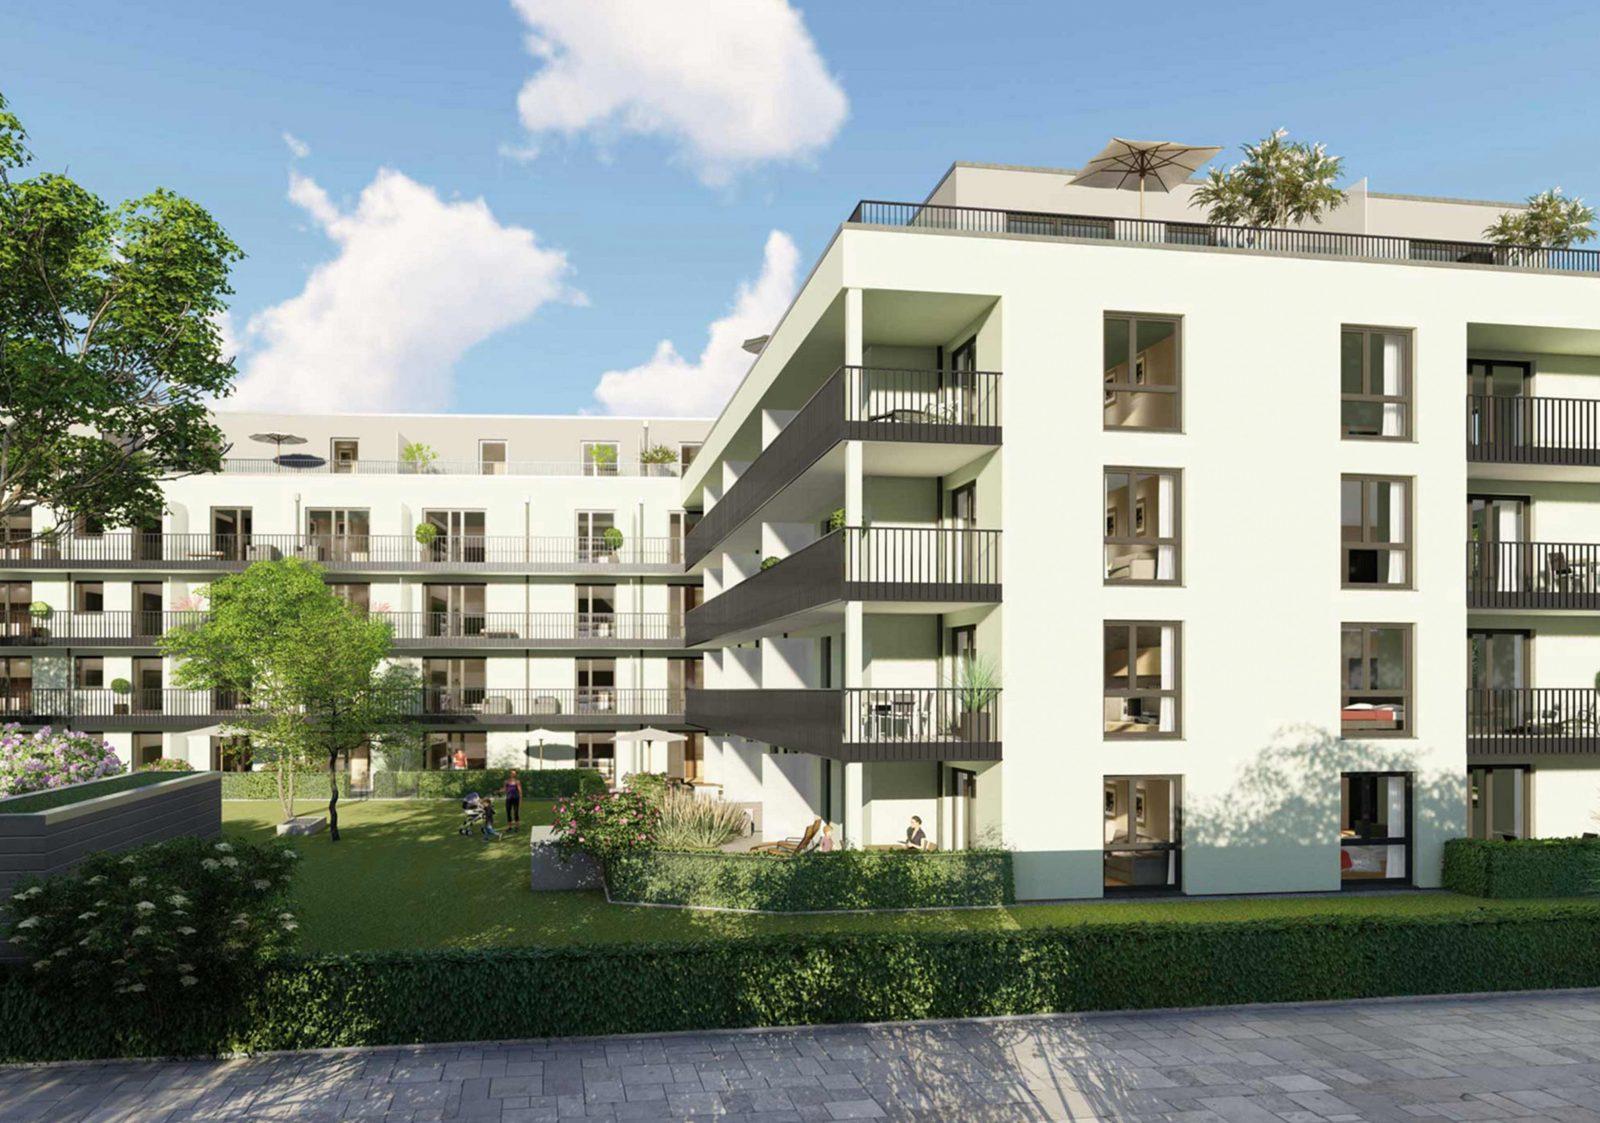 Wohnung Kaufen In Neusäß  Beethoven Park 6 von 2 Zimmer Wohnung Mieten München Provisionsfrei Photo